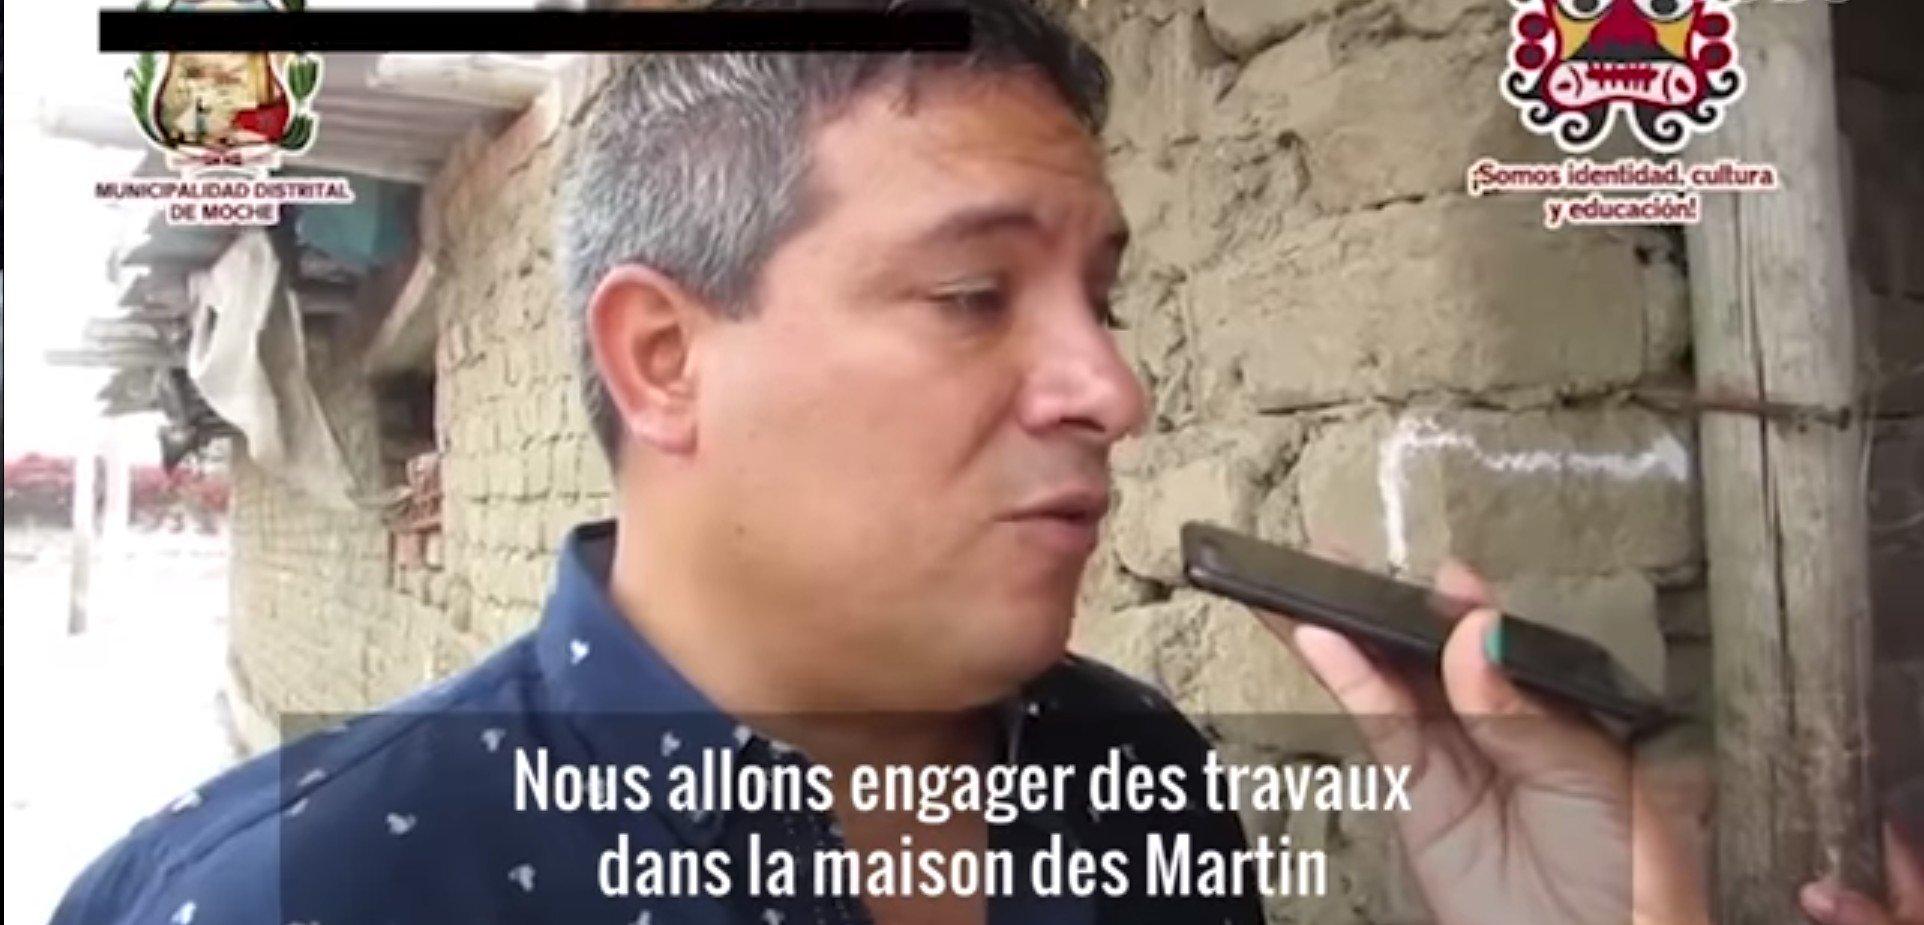 Le maire de Moche s'engageant à faire changer les choses. l Source: YouTube/ L'Obs